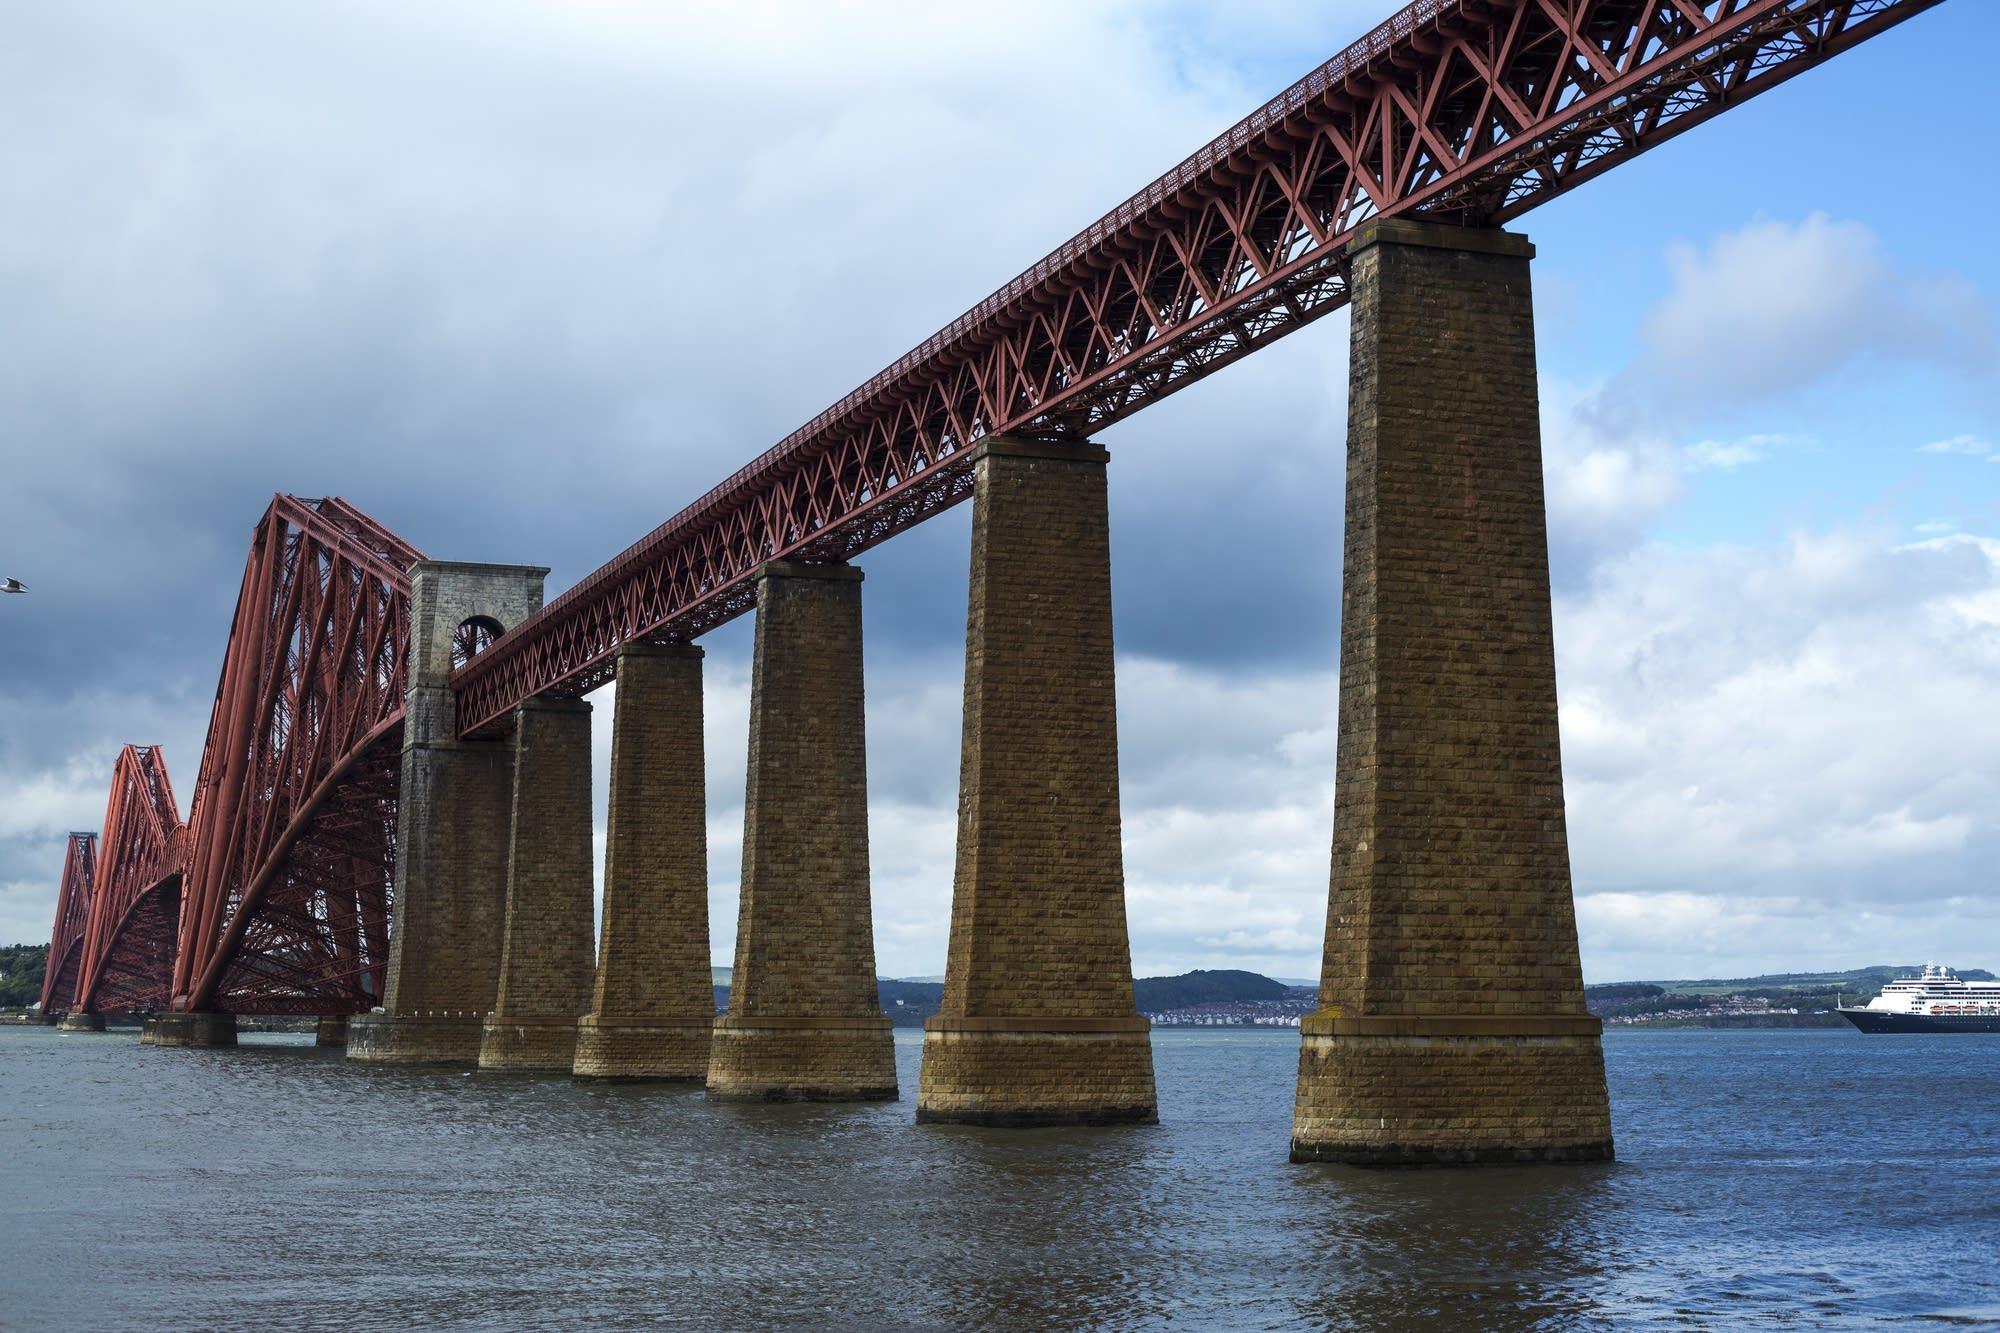 Edinburgh - 39 - Bridge and Rotterdam